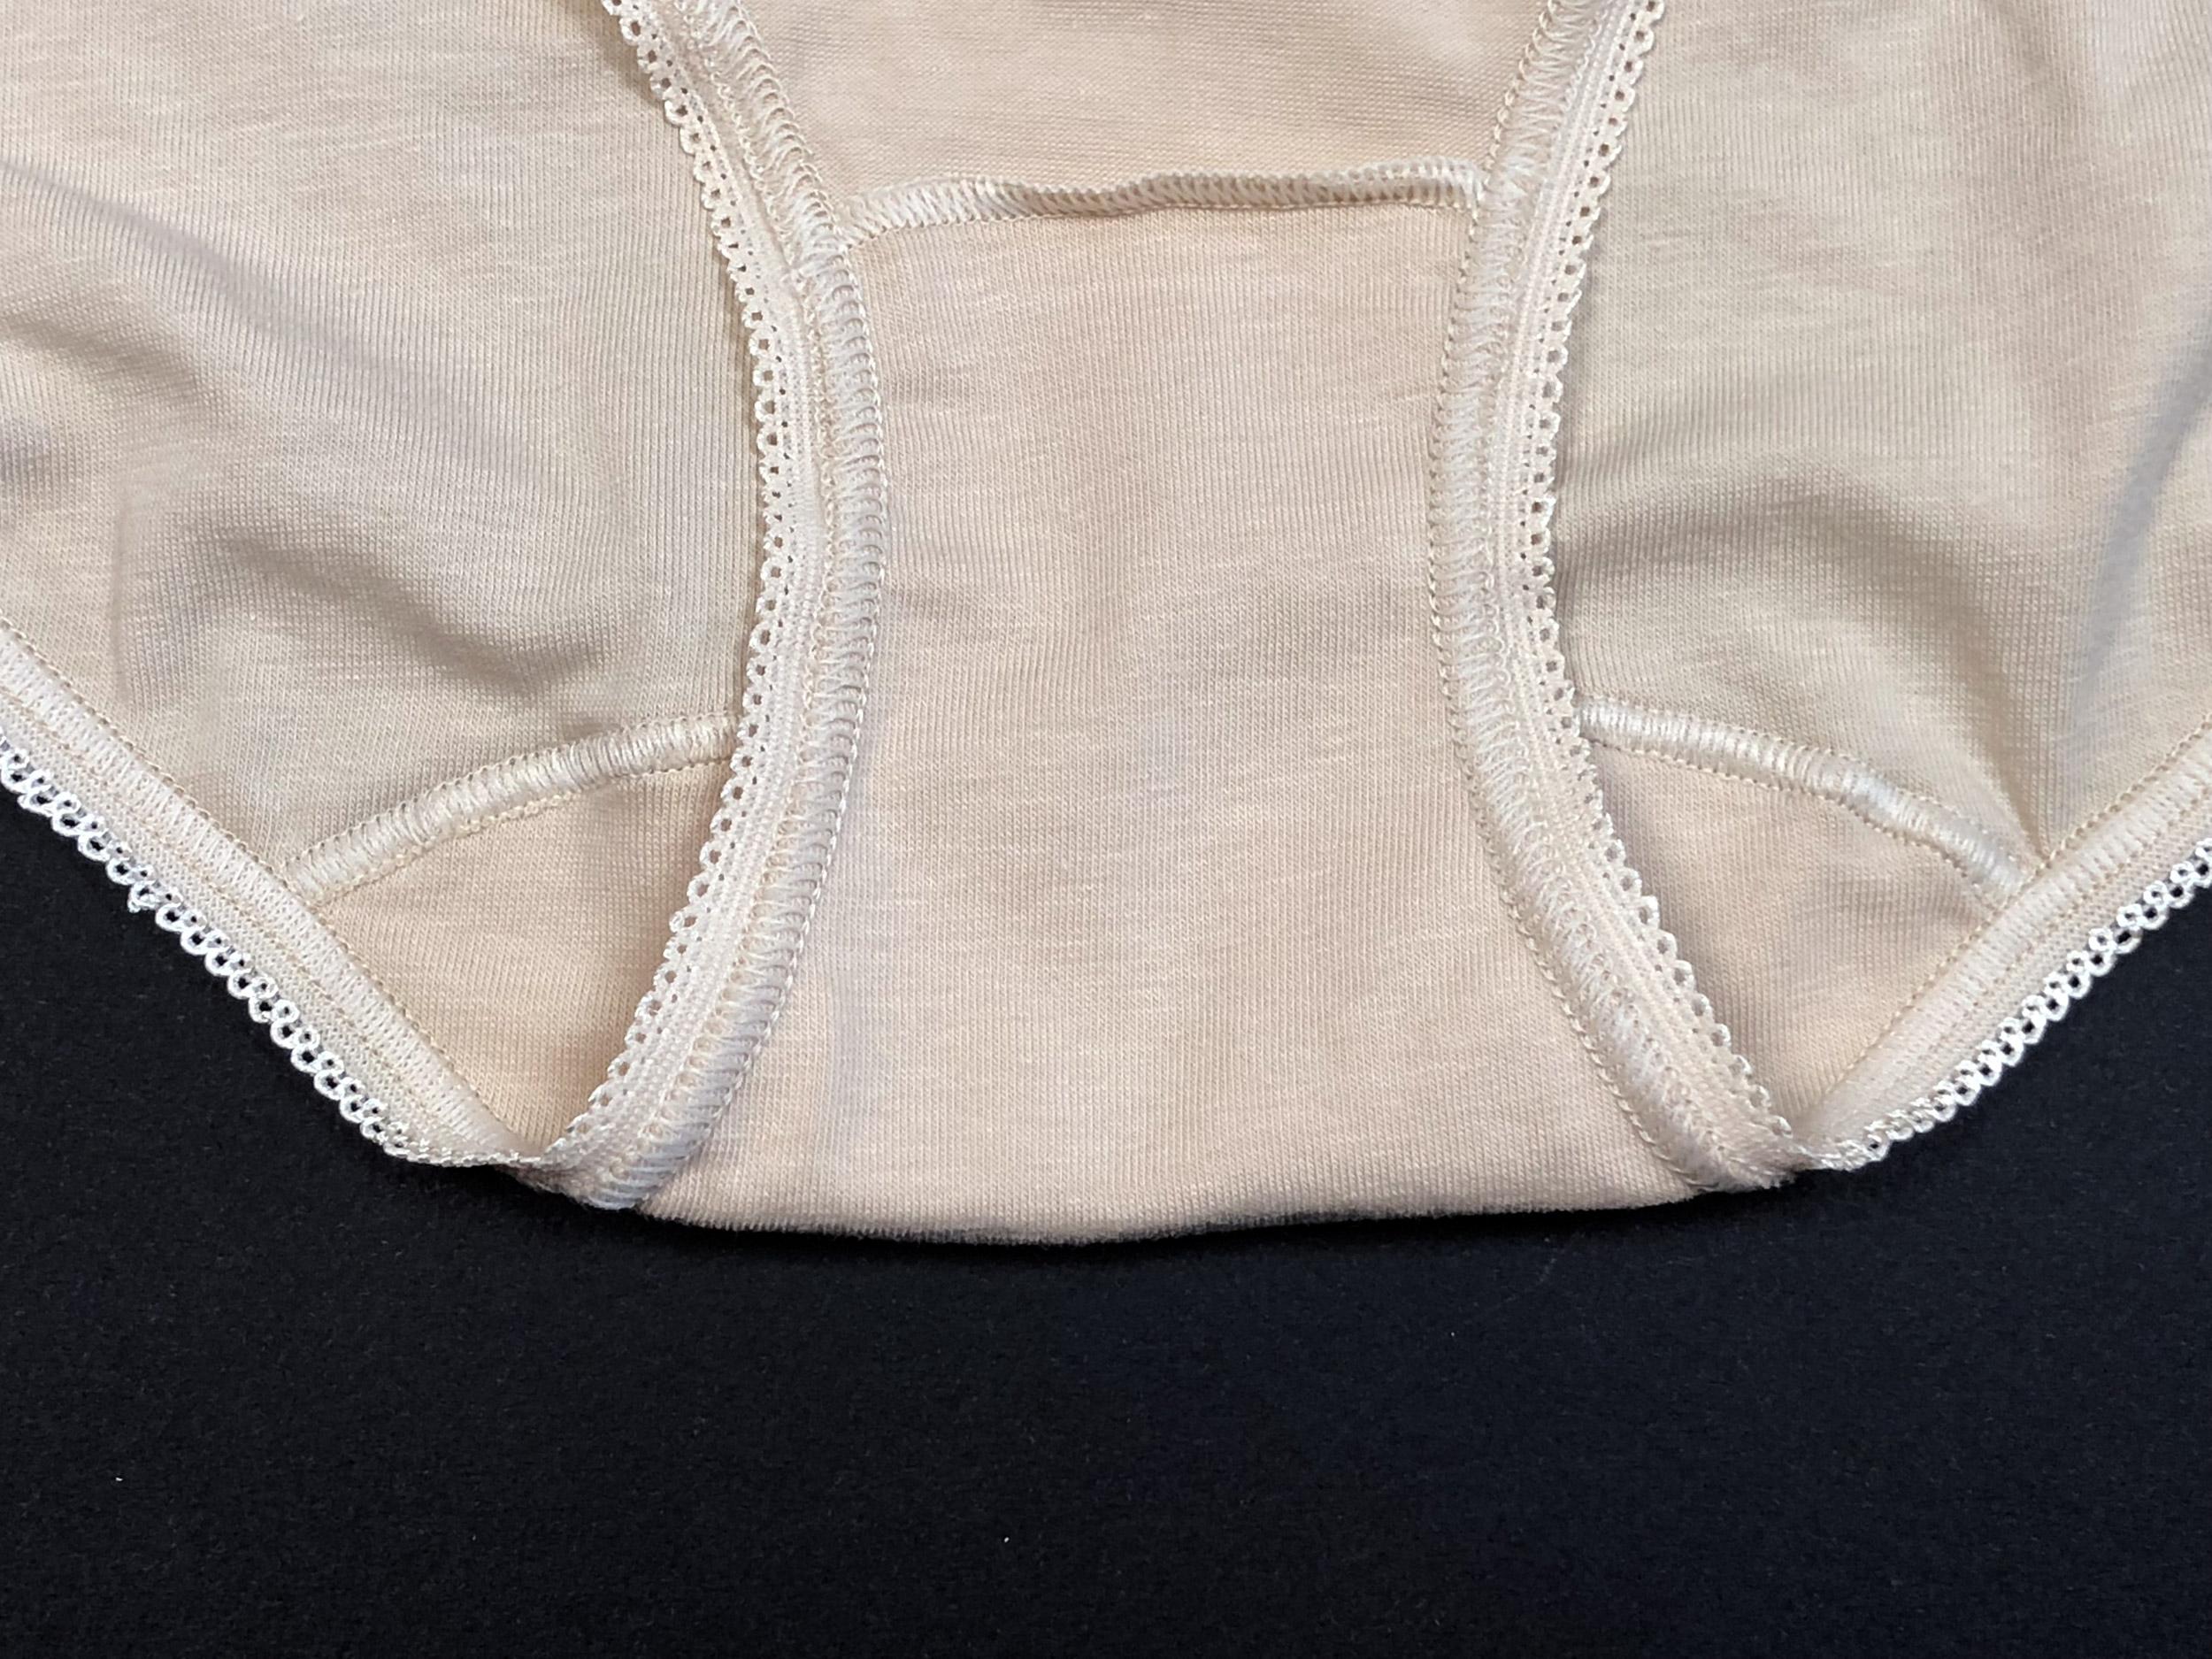 Тестирование базовых хлопковых трусов на Garterblog.ru / Бренд Cote Coton by Oryades